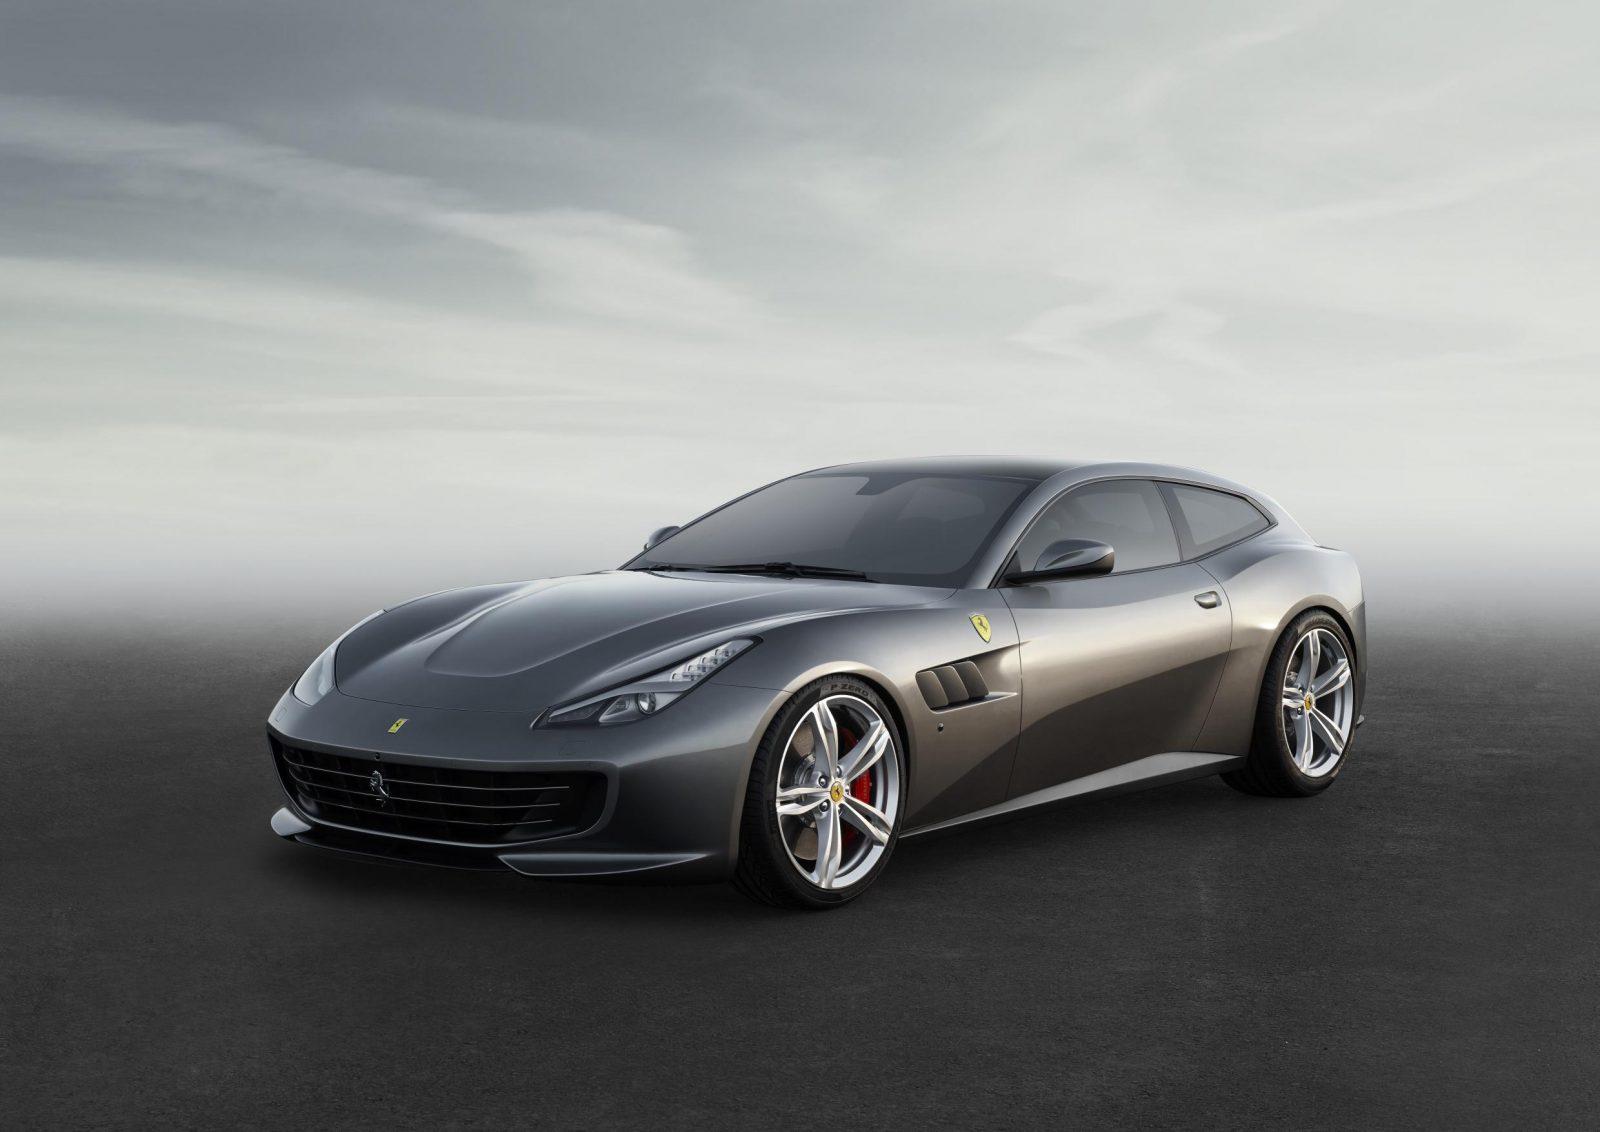 Ferrari Gtc4lusso Fr 3 4 Lr E1580814790715